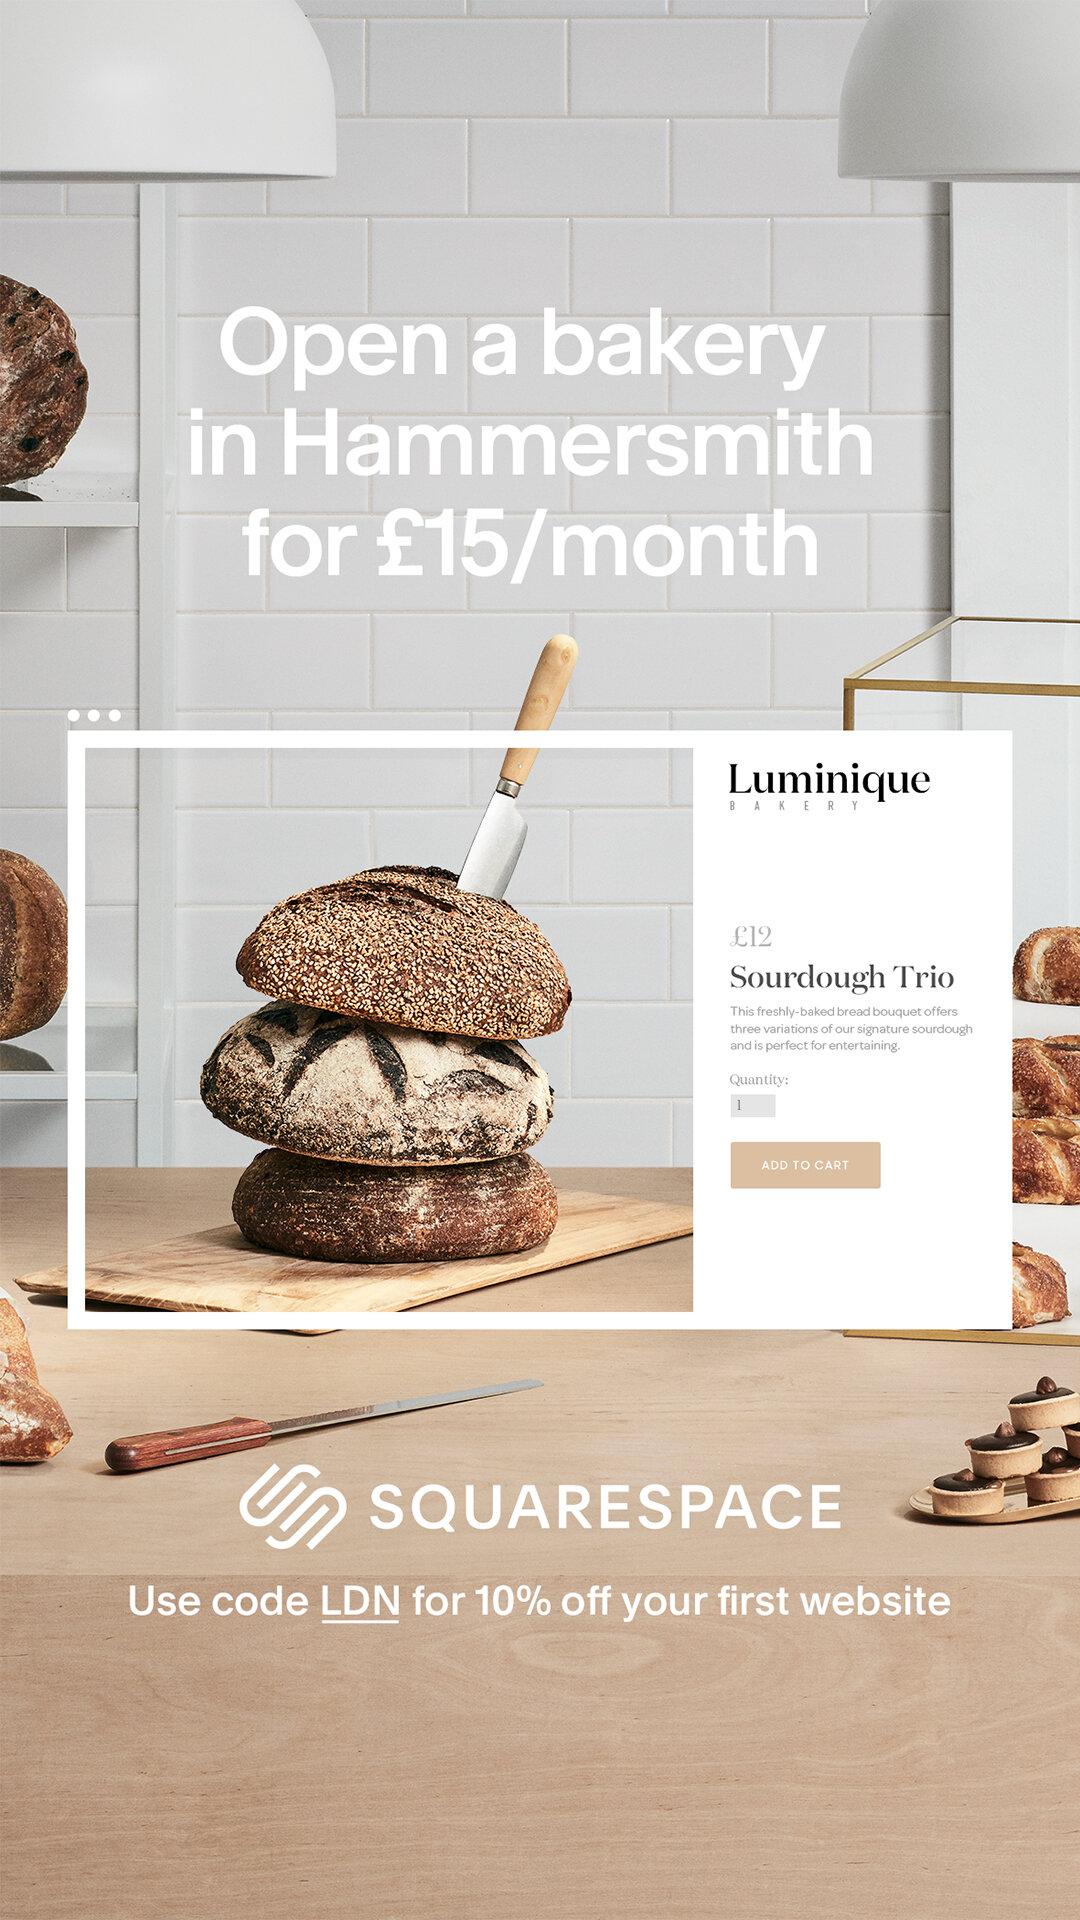 Q1_Inlink + Roadside_bakery.jpg